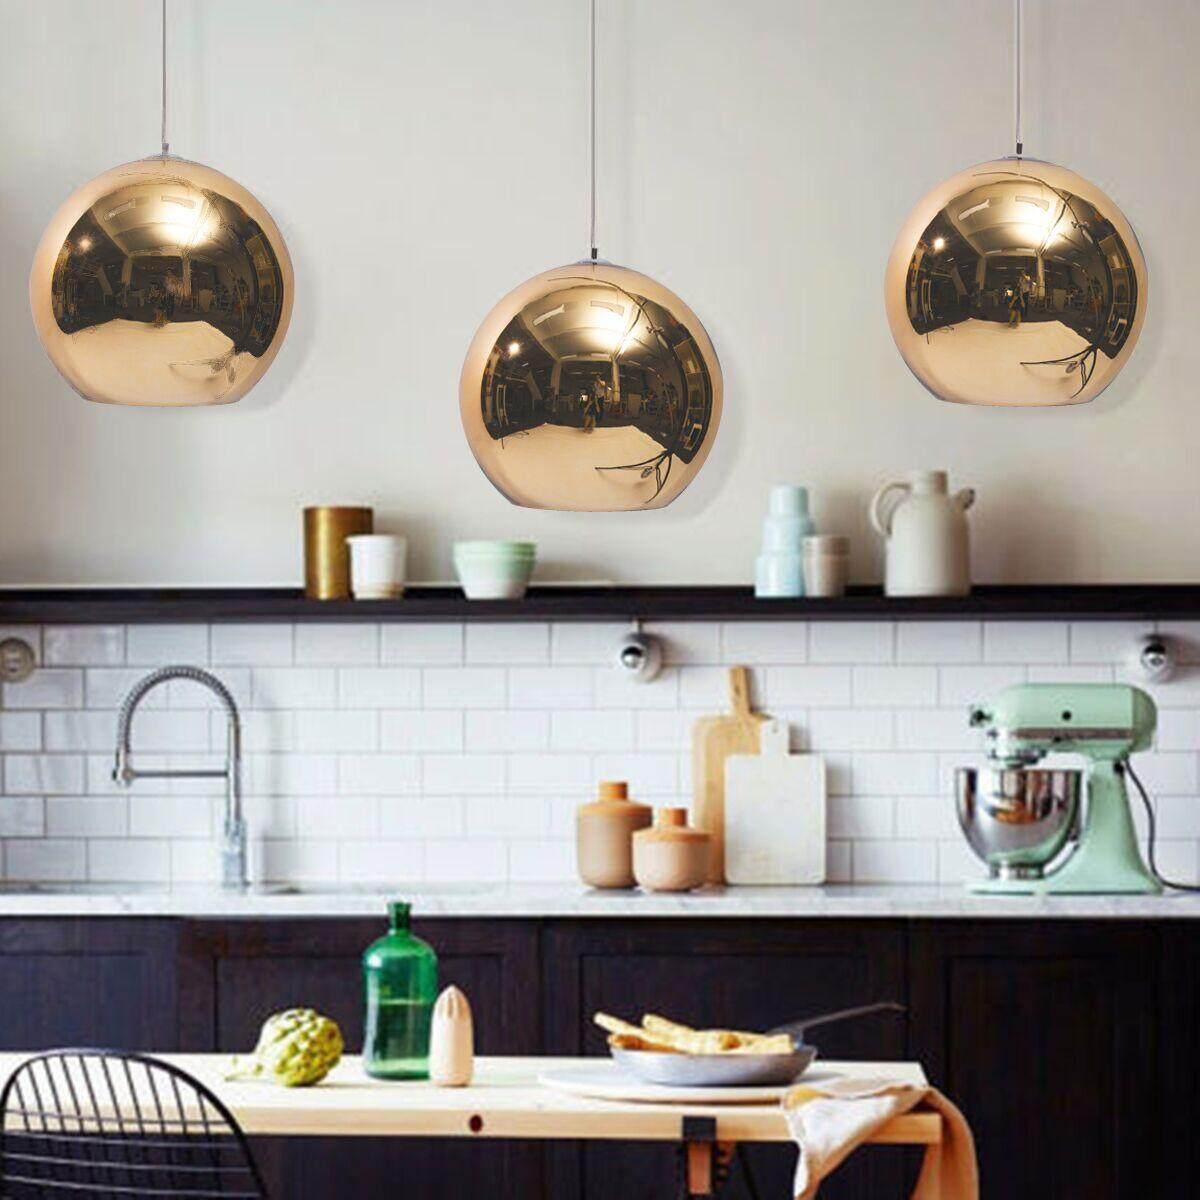 Glass Mirror Ball Ceiling Pendant Dining Light Modern Lamp Chandelier # 45cm